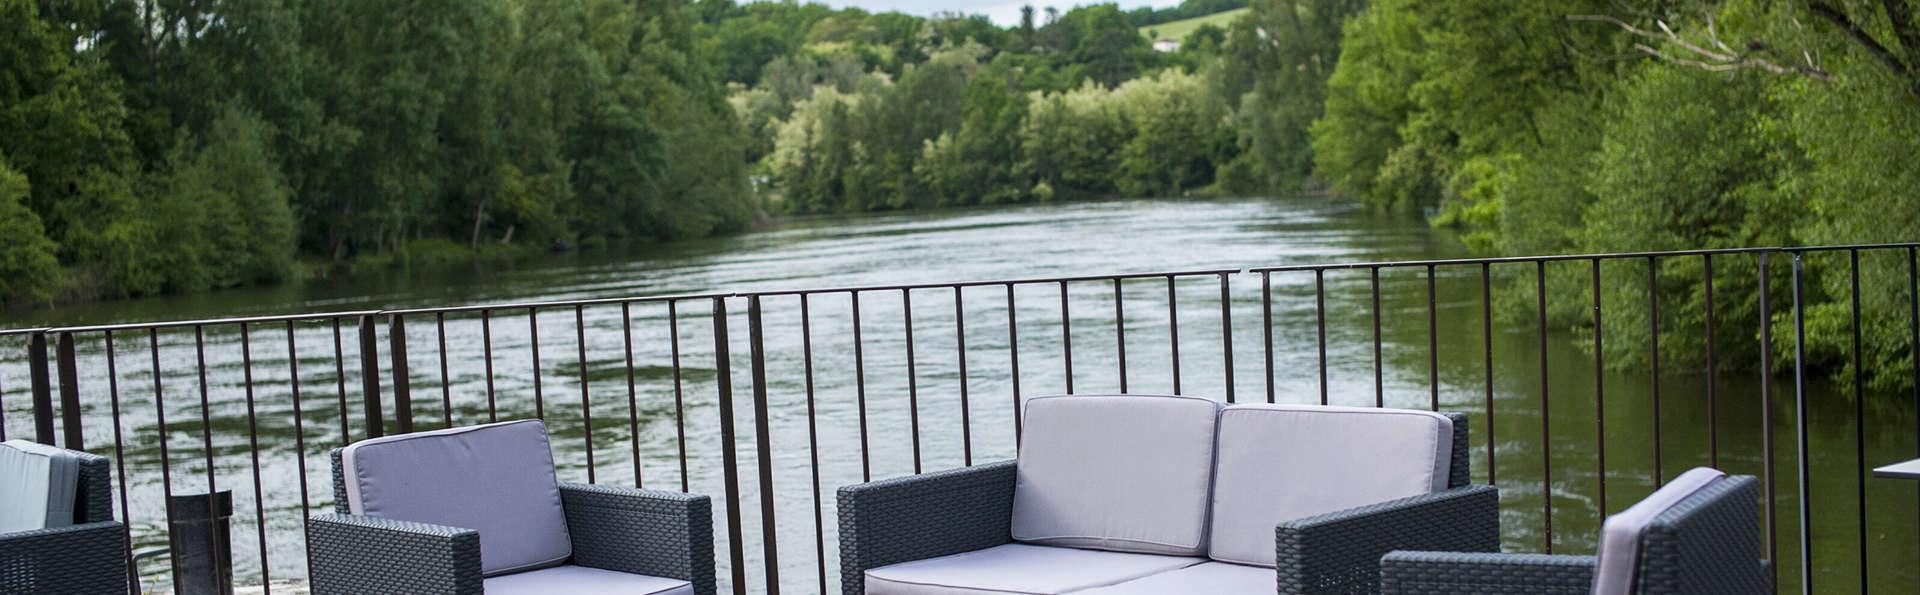 Week-end détente & spa, au bord de la rivière, près d'Agen